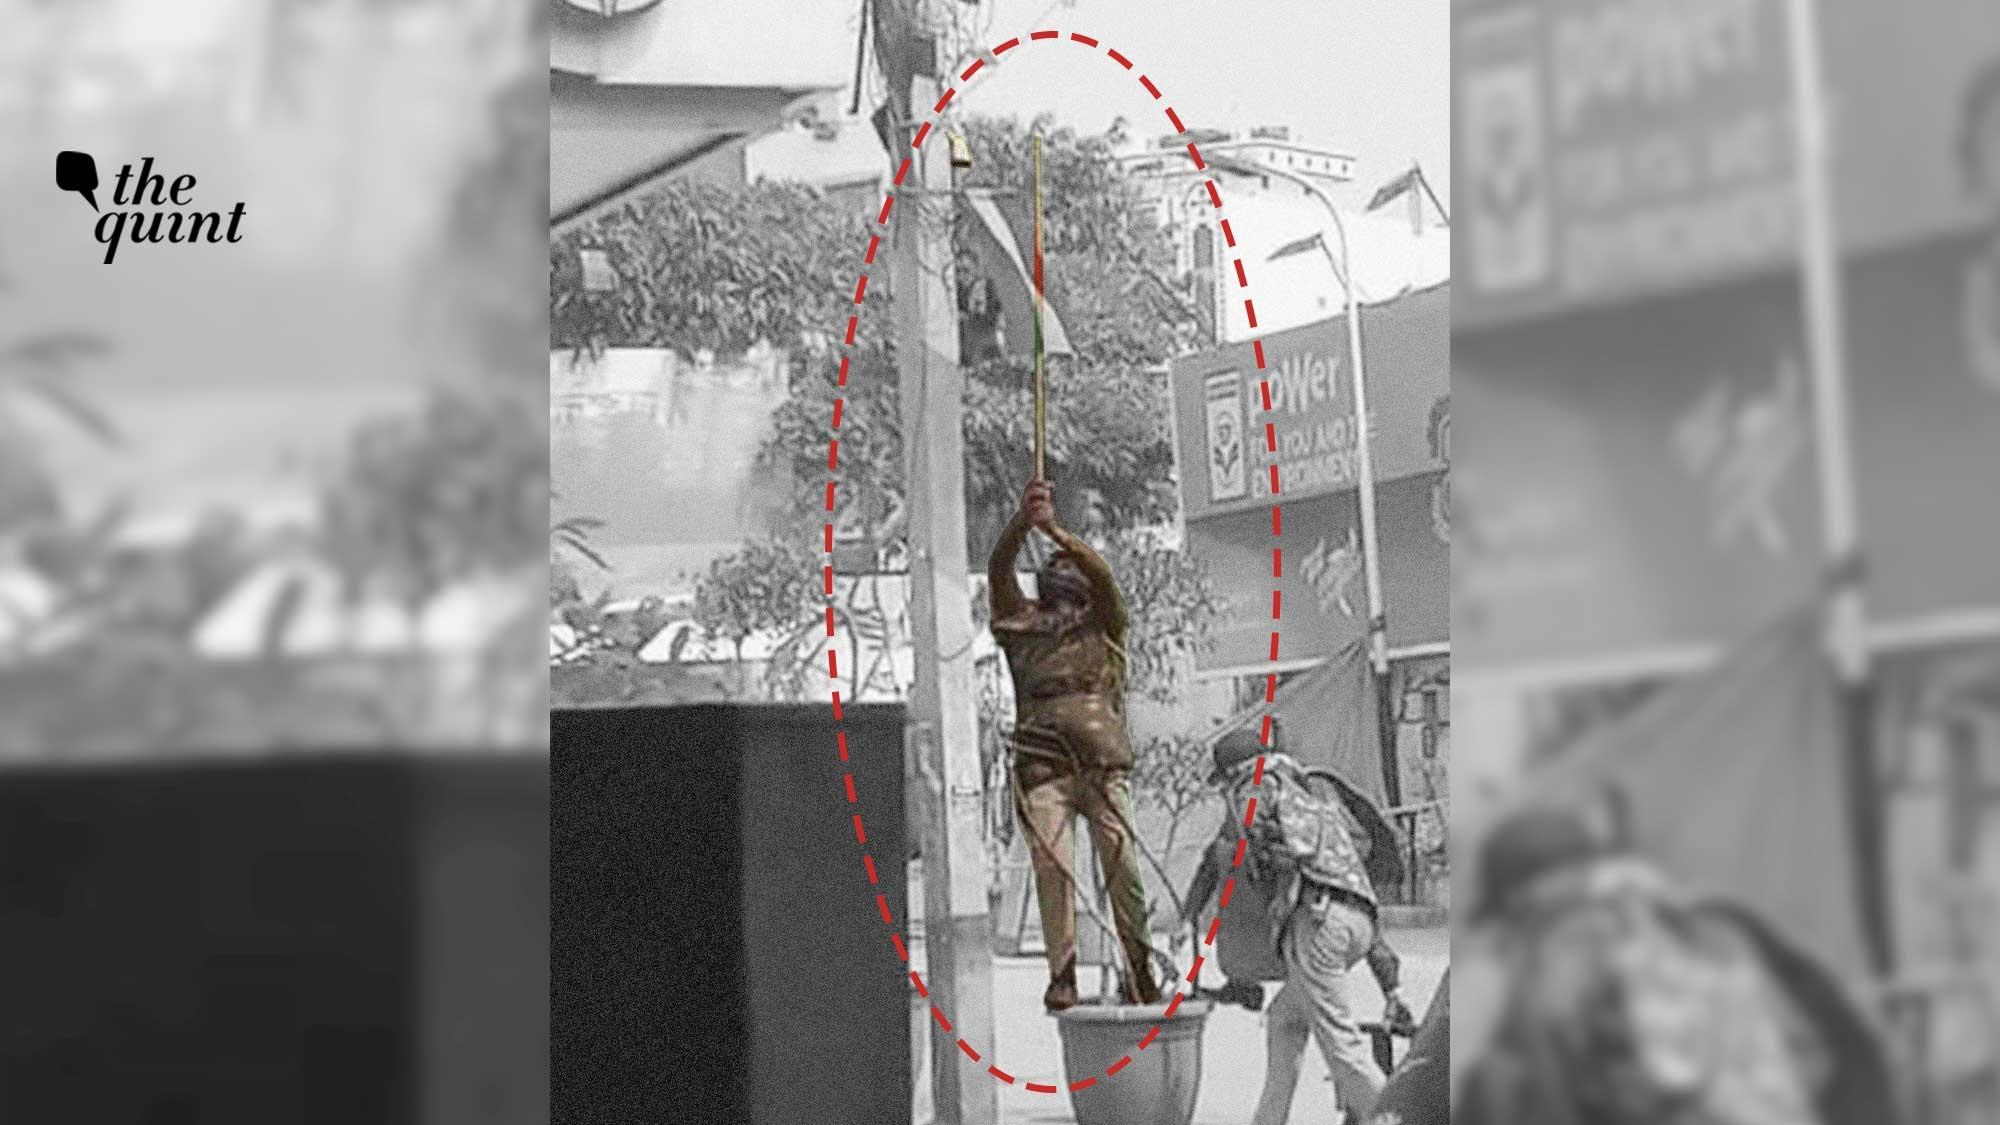 Video Shows Police 'Breaking CCTV' Near Khureji Protest Site